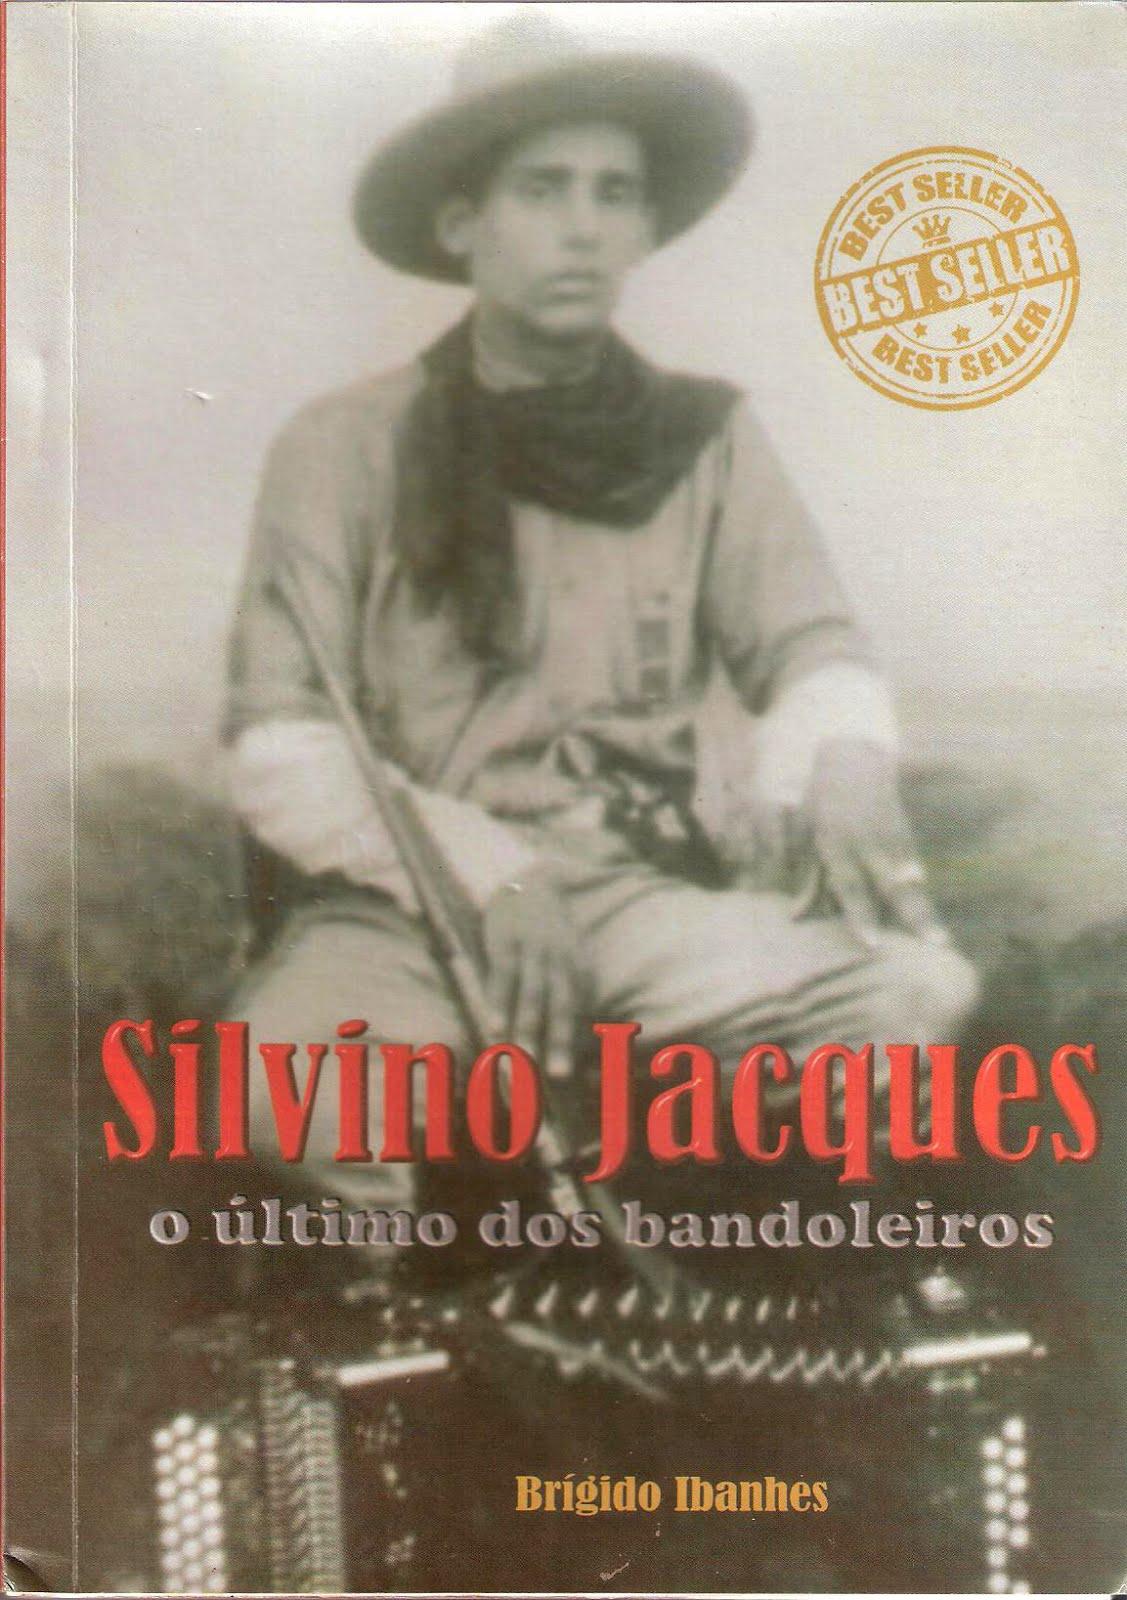 Silvino Jacques, o último dos bandoleiros